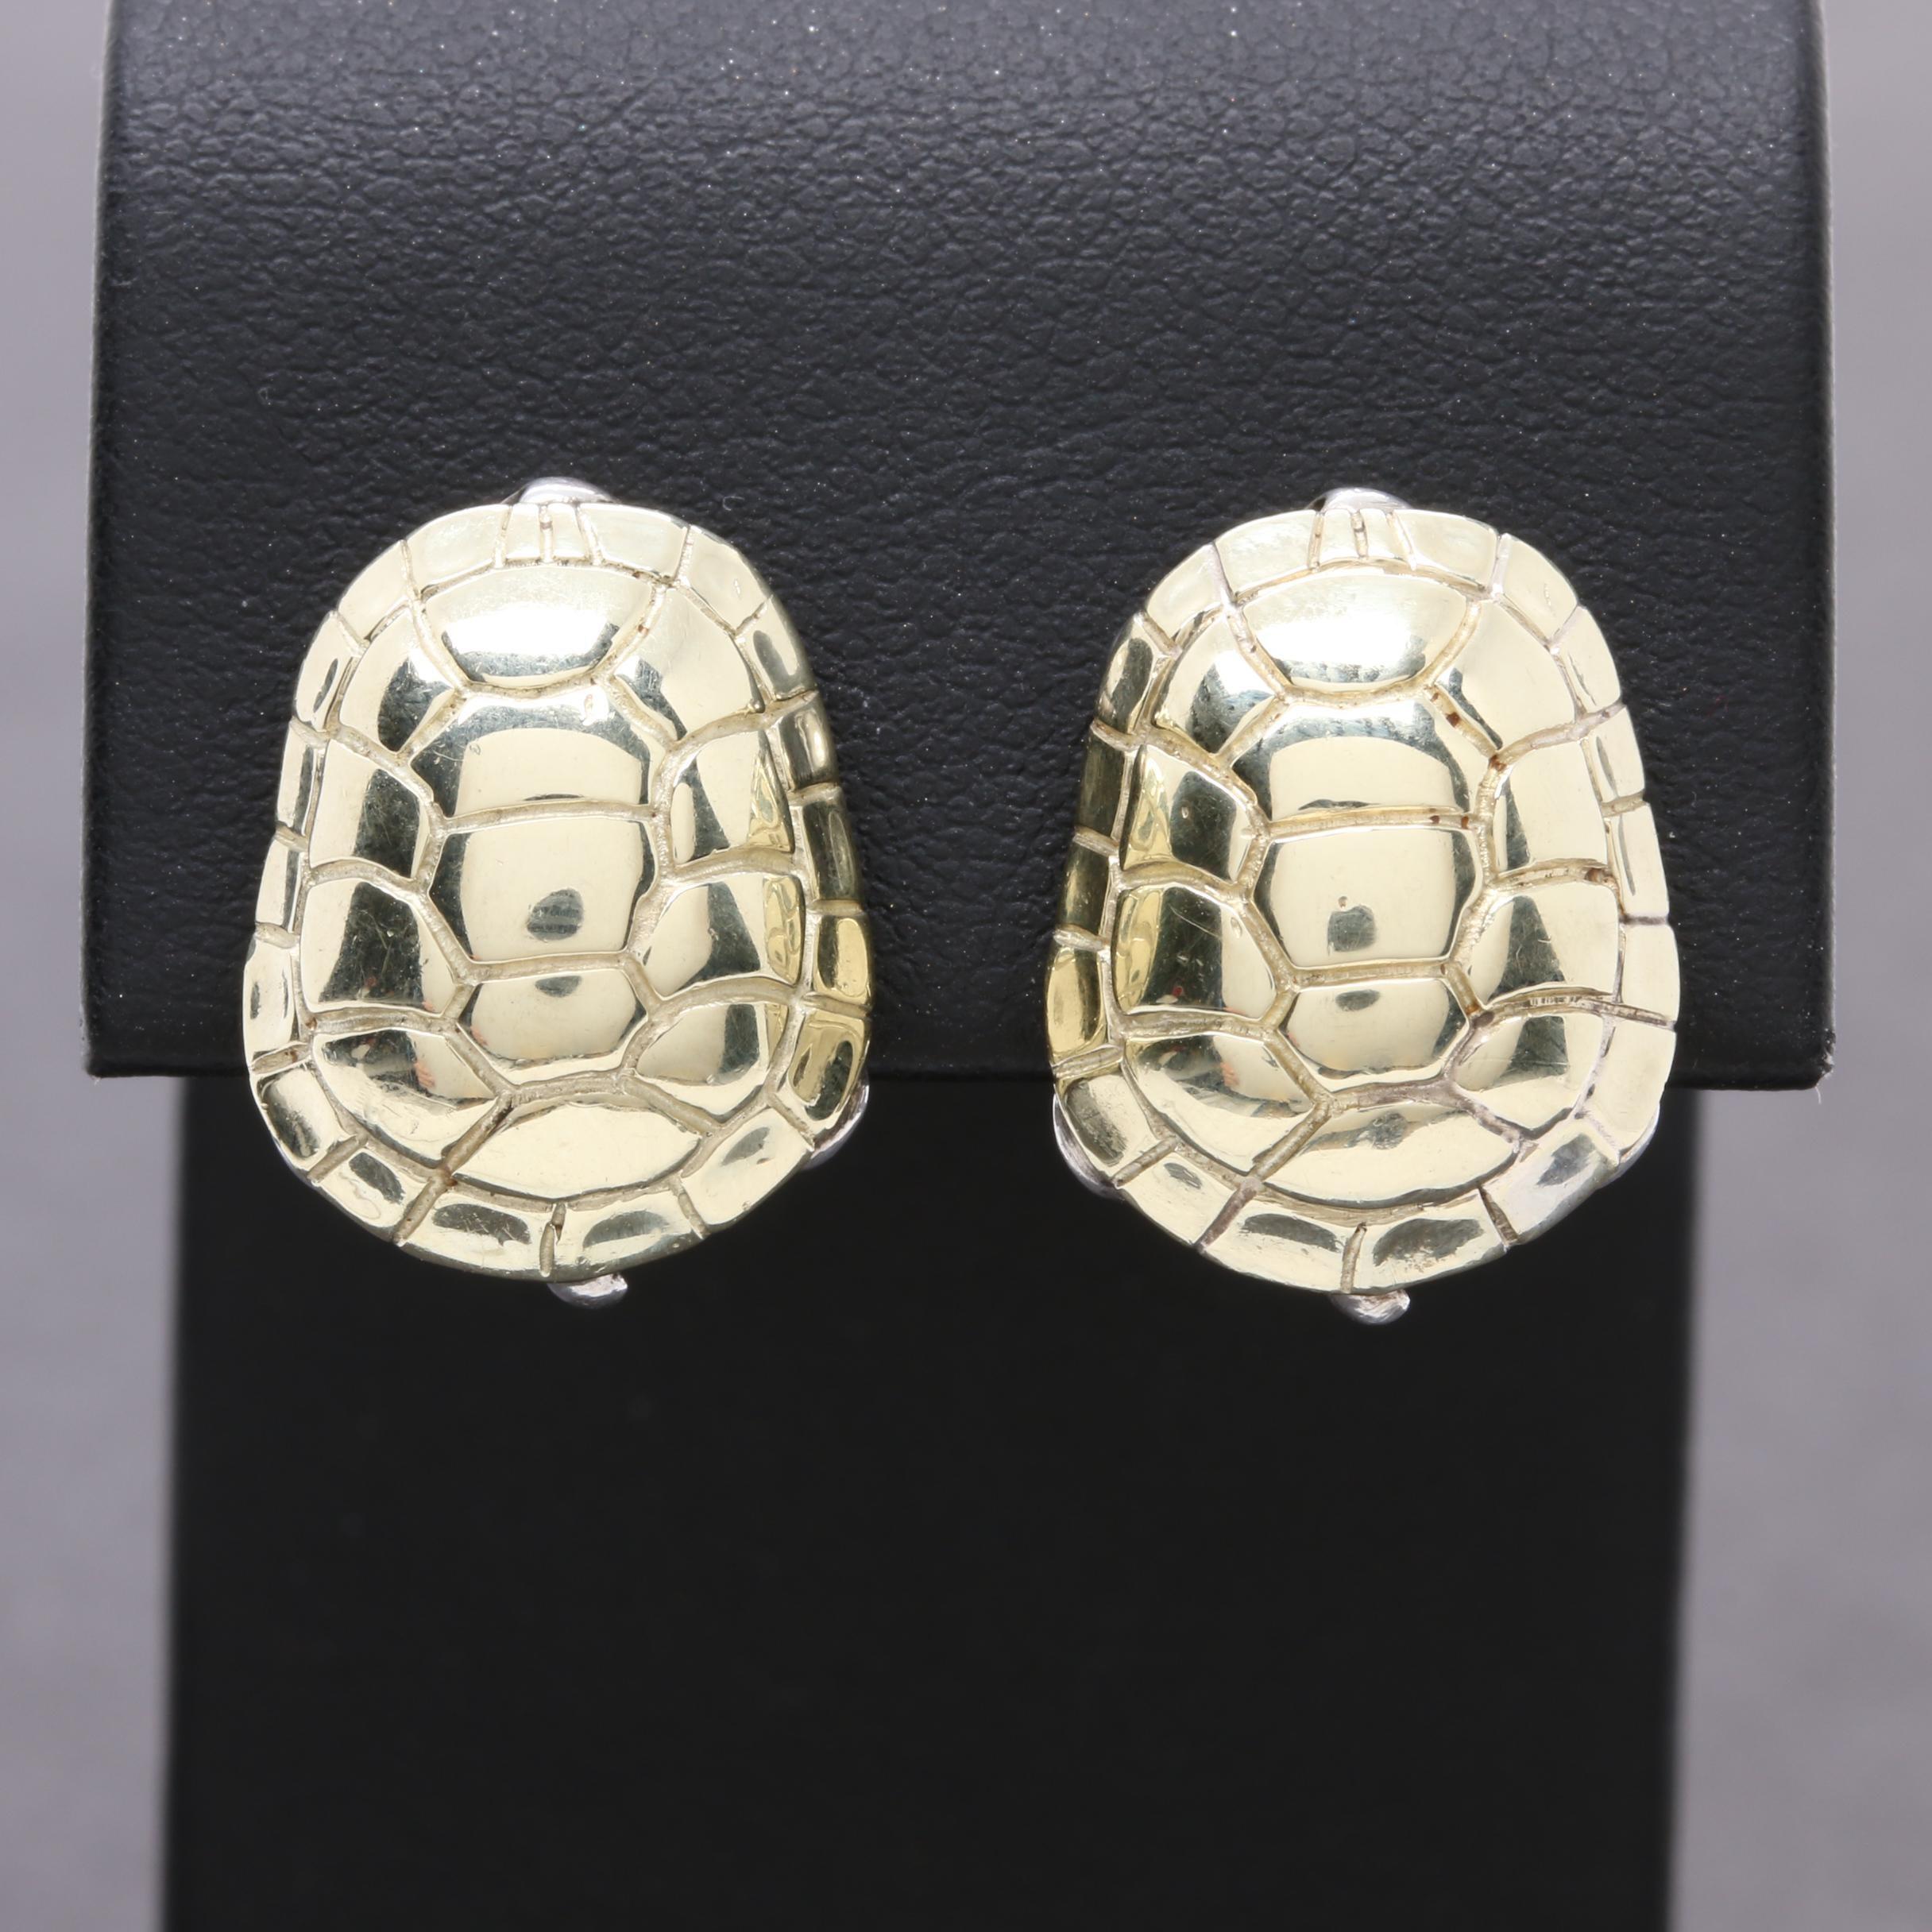 Barry Kieselstein-Cord Sterling Silver 14K Yellow Gold Tortoise Motif Earrings